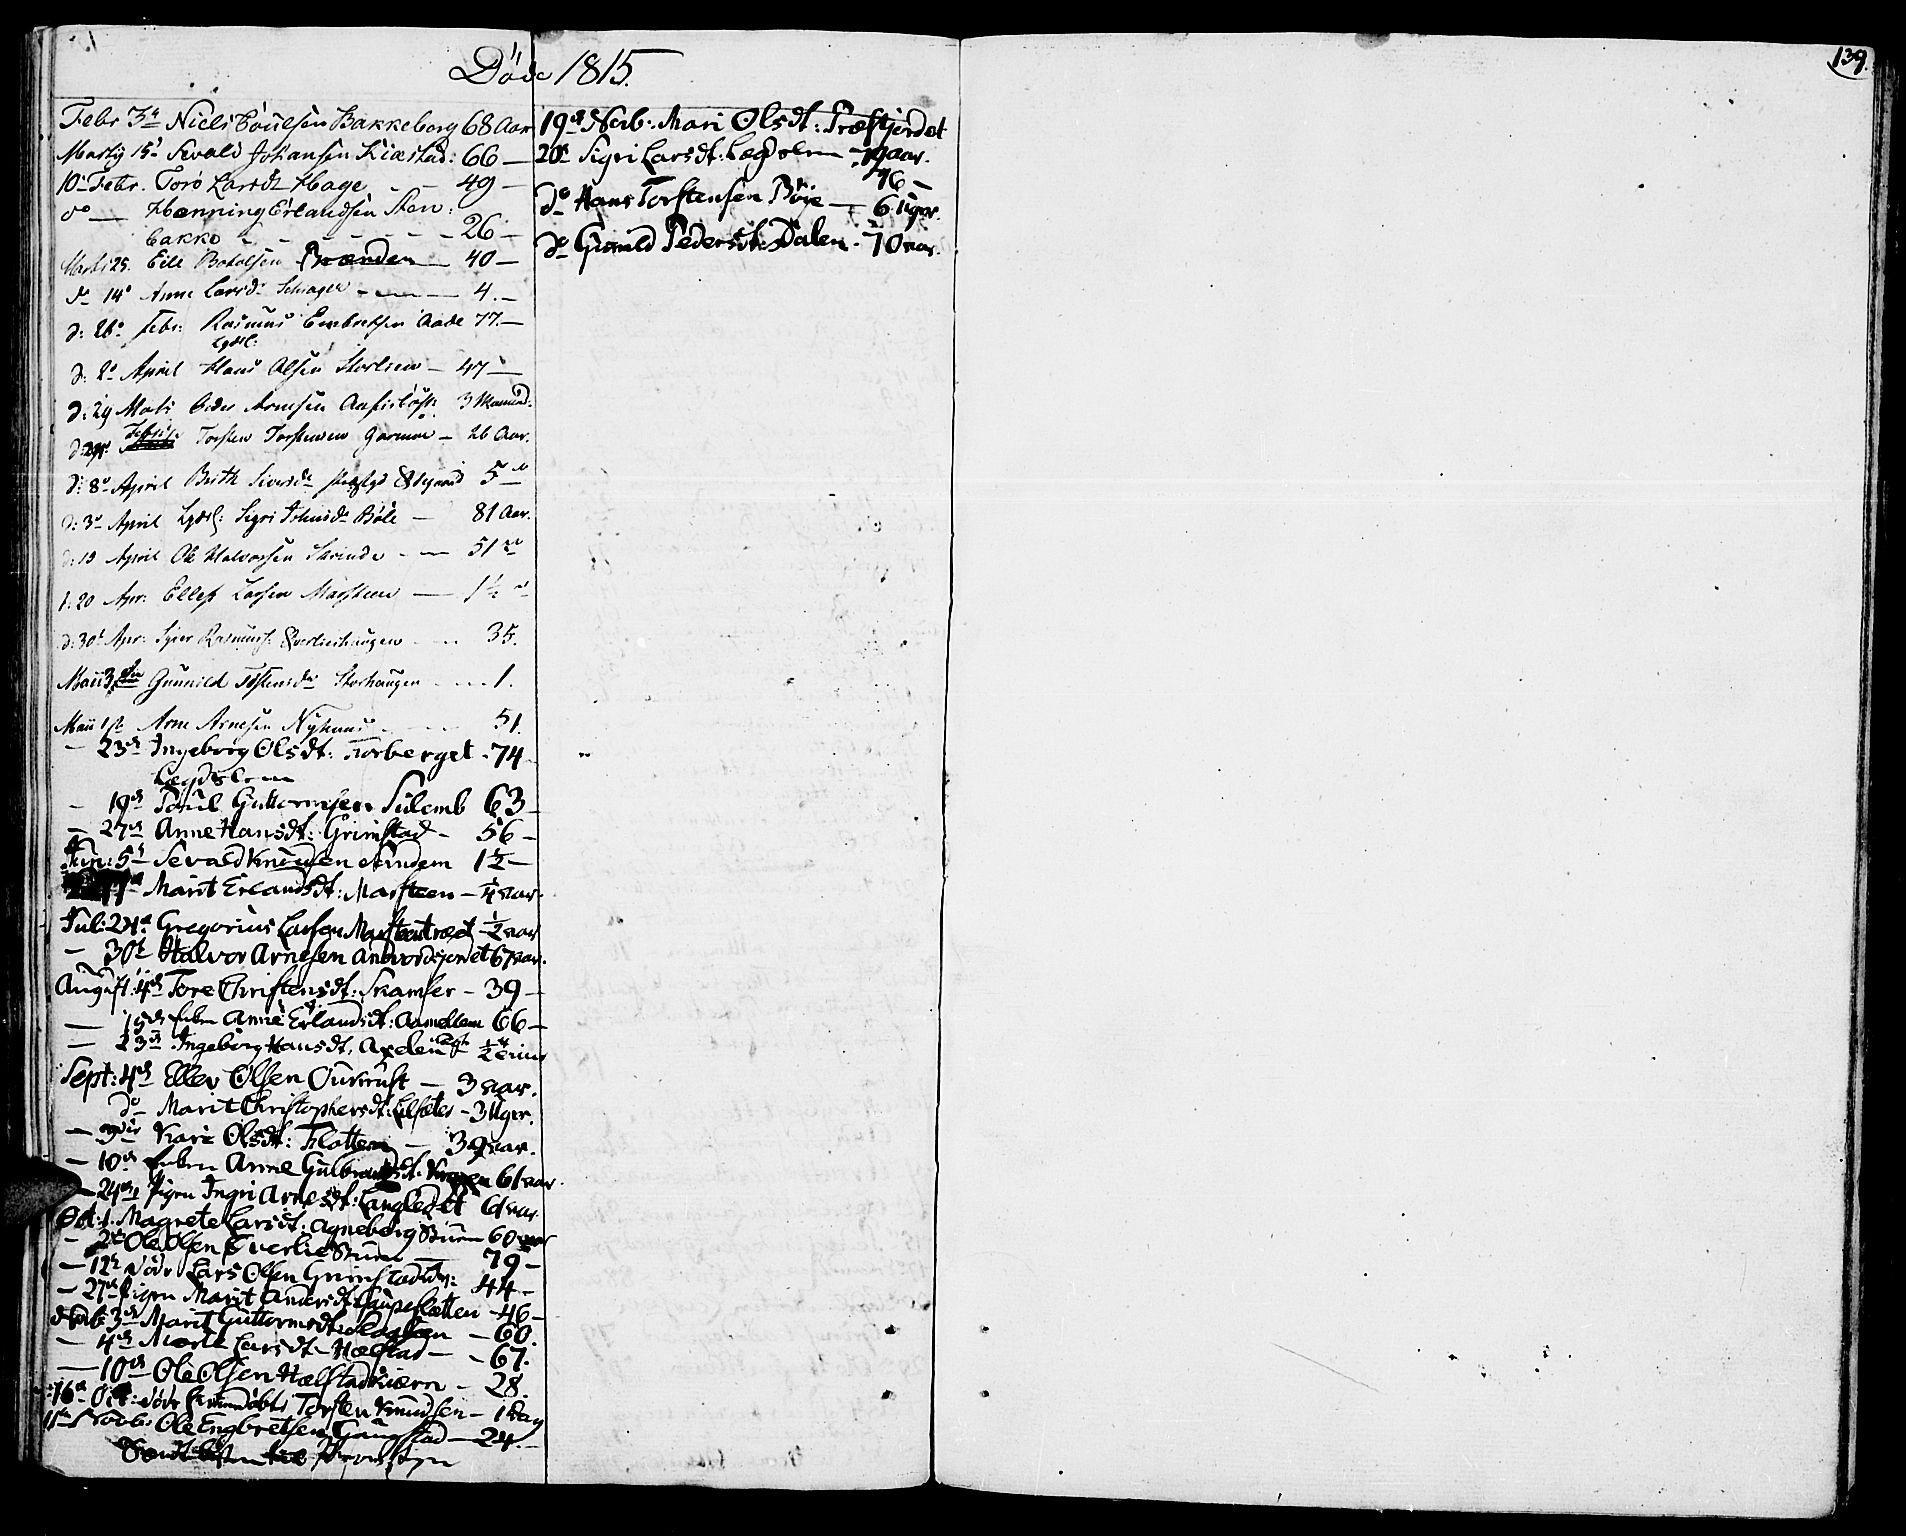 SAH, Lom prestekontor, K/L0003: Ministerialbok nr. 3, 1801-1825, s. 139